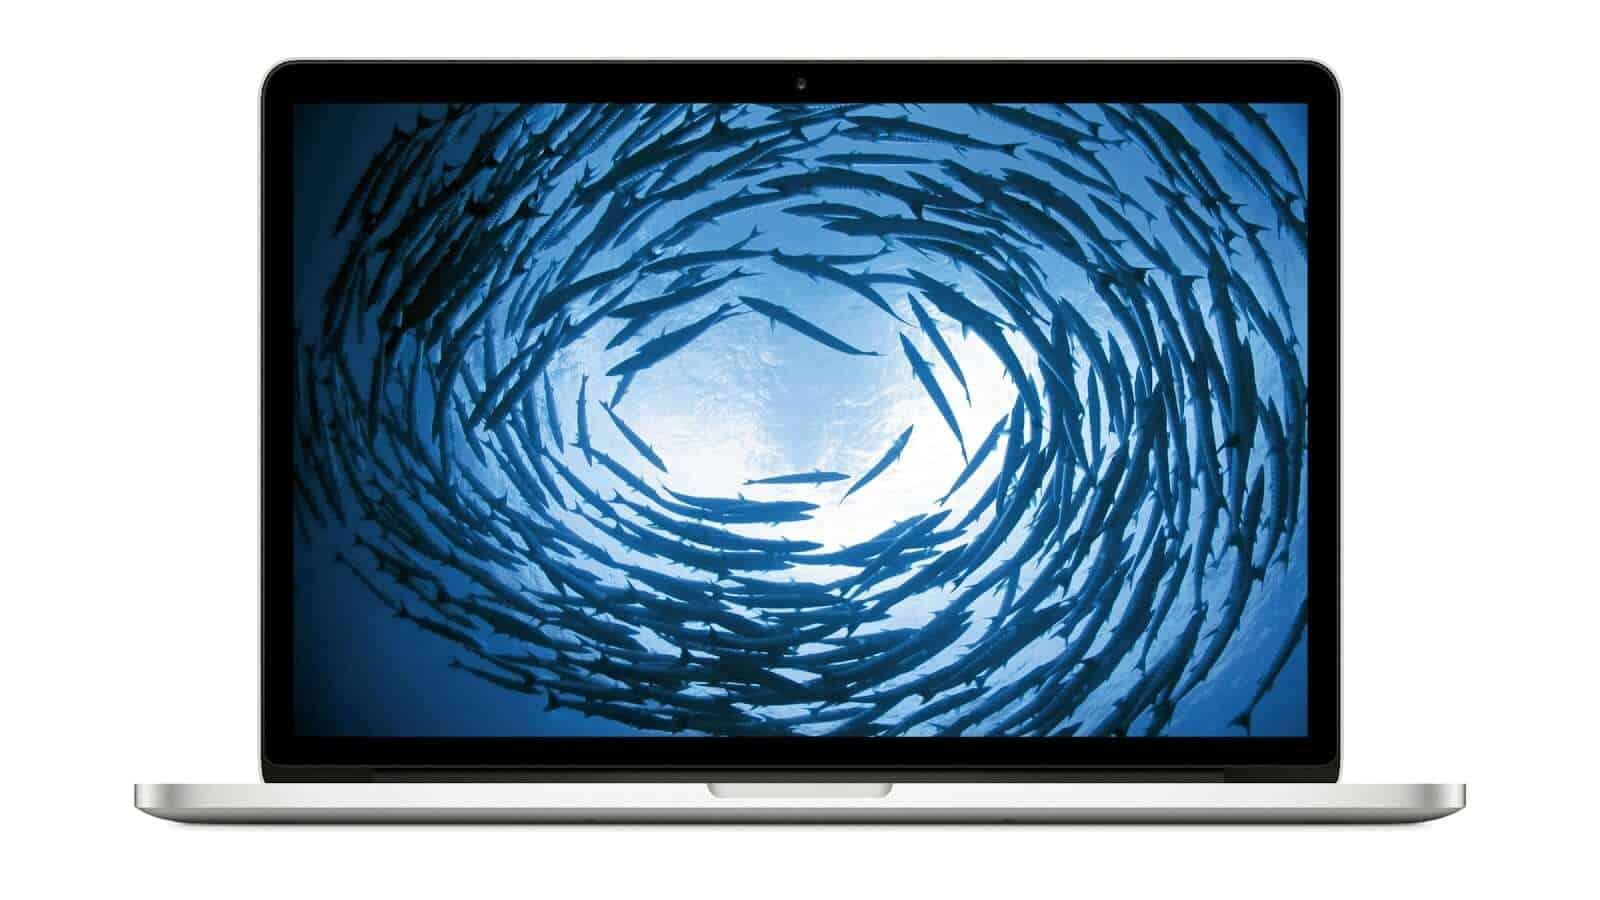 cấu hình macbook pro retina 2012 13 inch